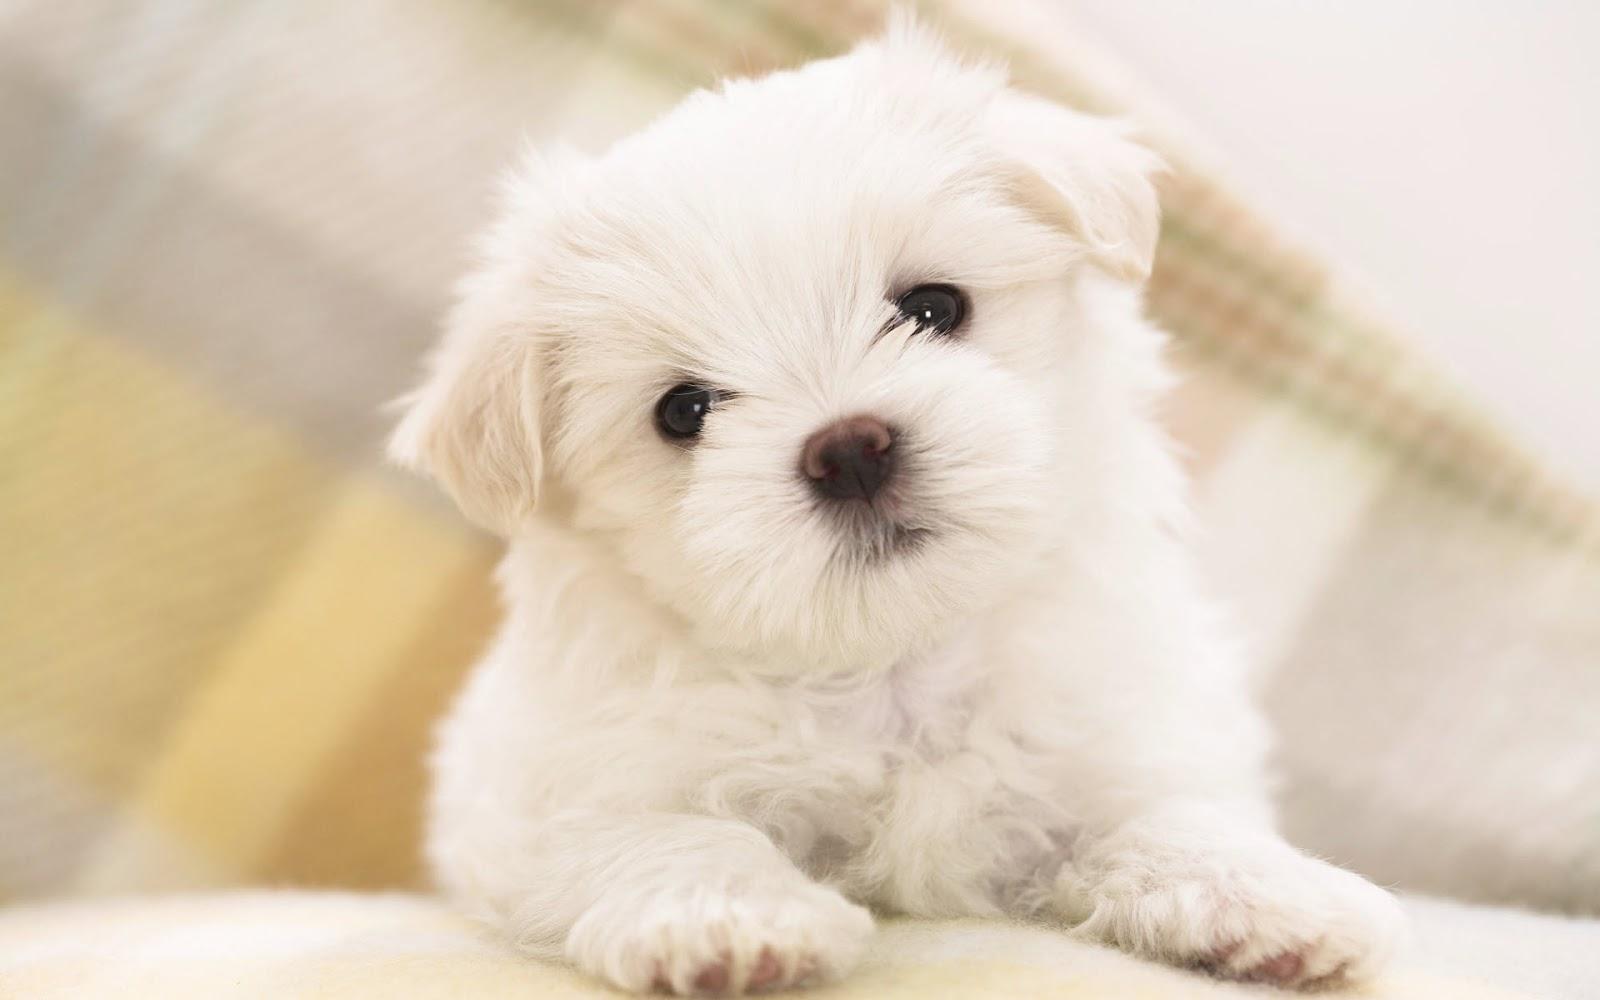 http://1.bp.blogspot.com/-TV_4oLbjjwQ/UJiul05YrxI/AAAAAAAABWg/aMmZJsWCVFA/s1600/Cute+Puppy+Pictures+5.jpg